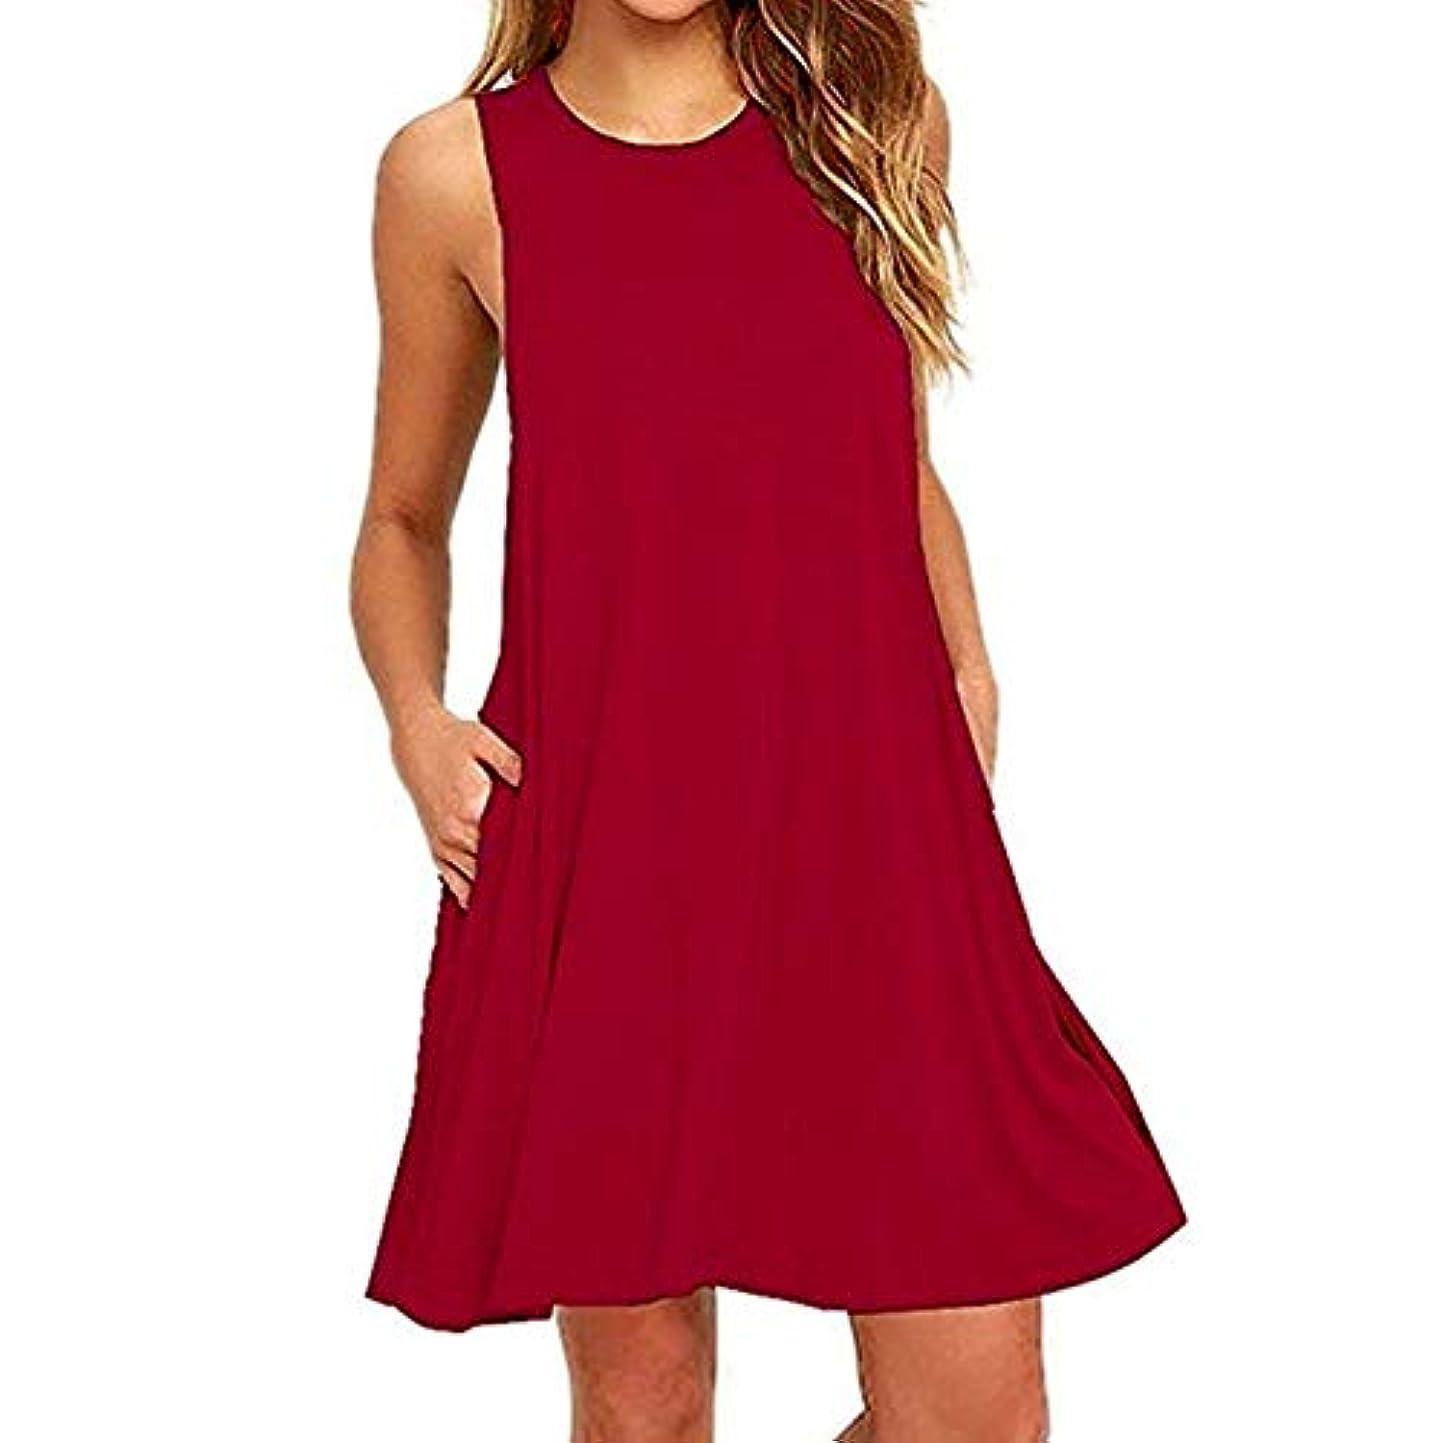 コークス直立有利MIFAN 人の女性のドレス、プラスサイズのドレス、ノースリーブのドレス、ミニドレス、ホルタードレス、コットンドレス